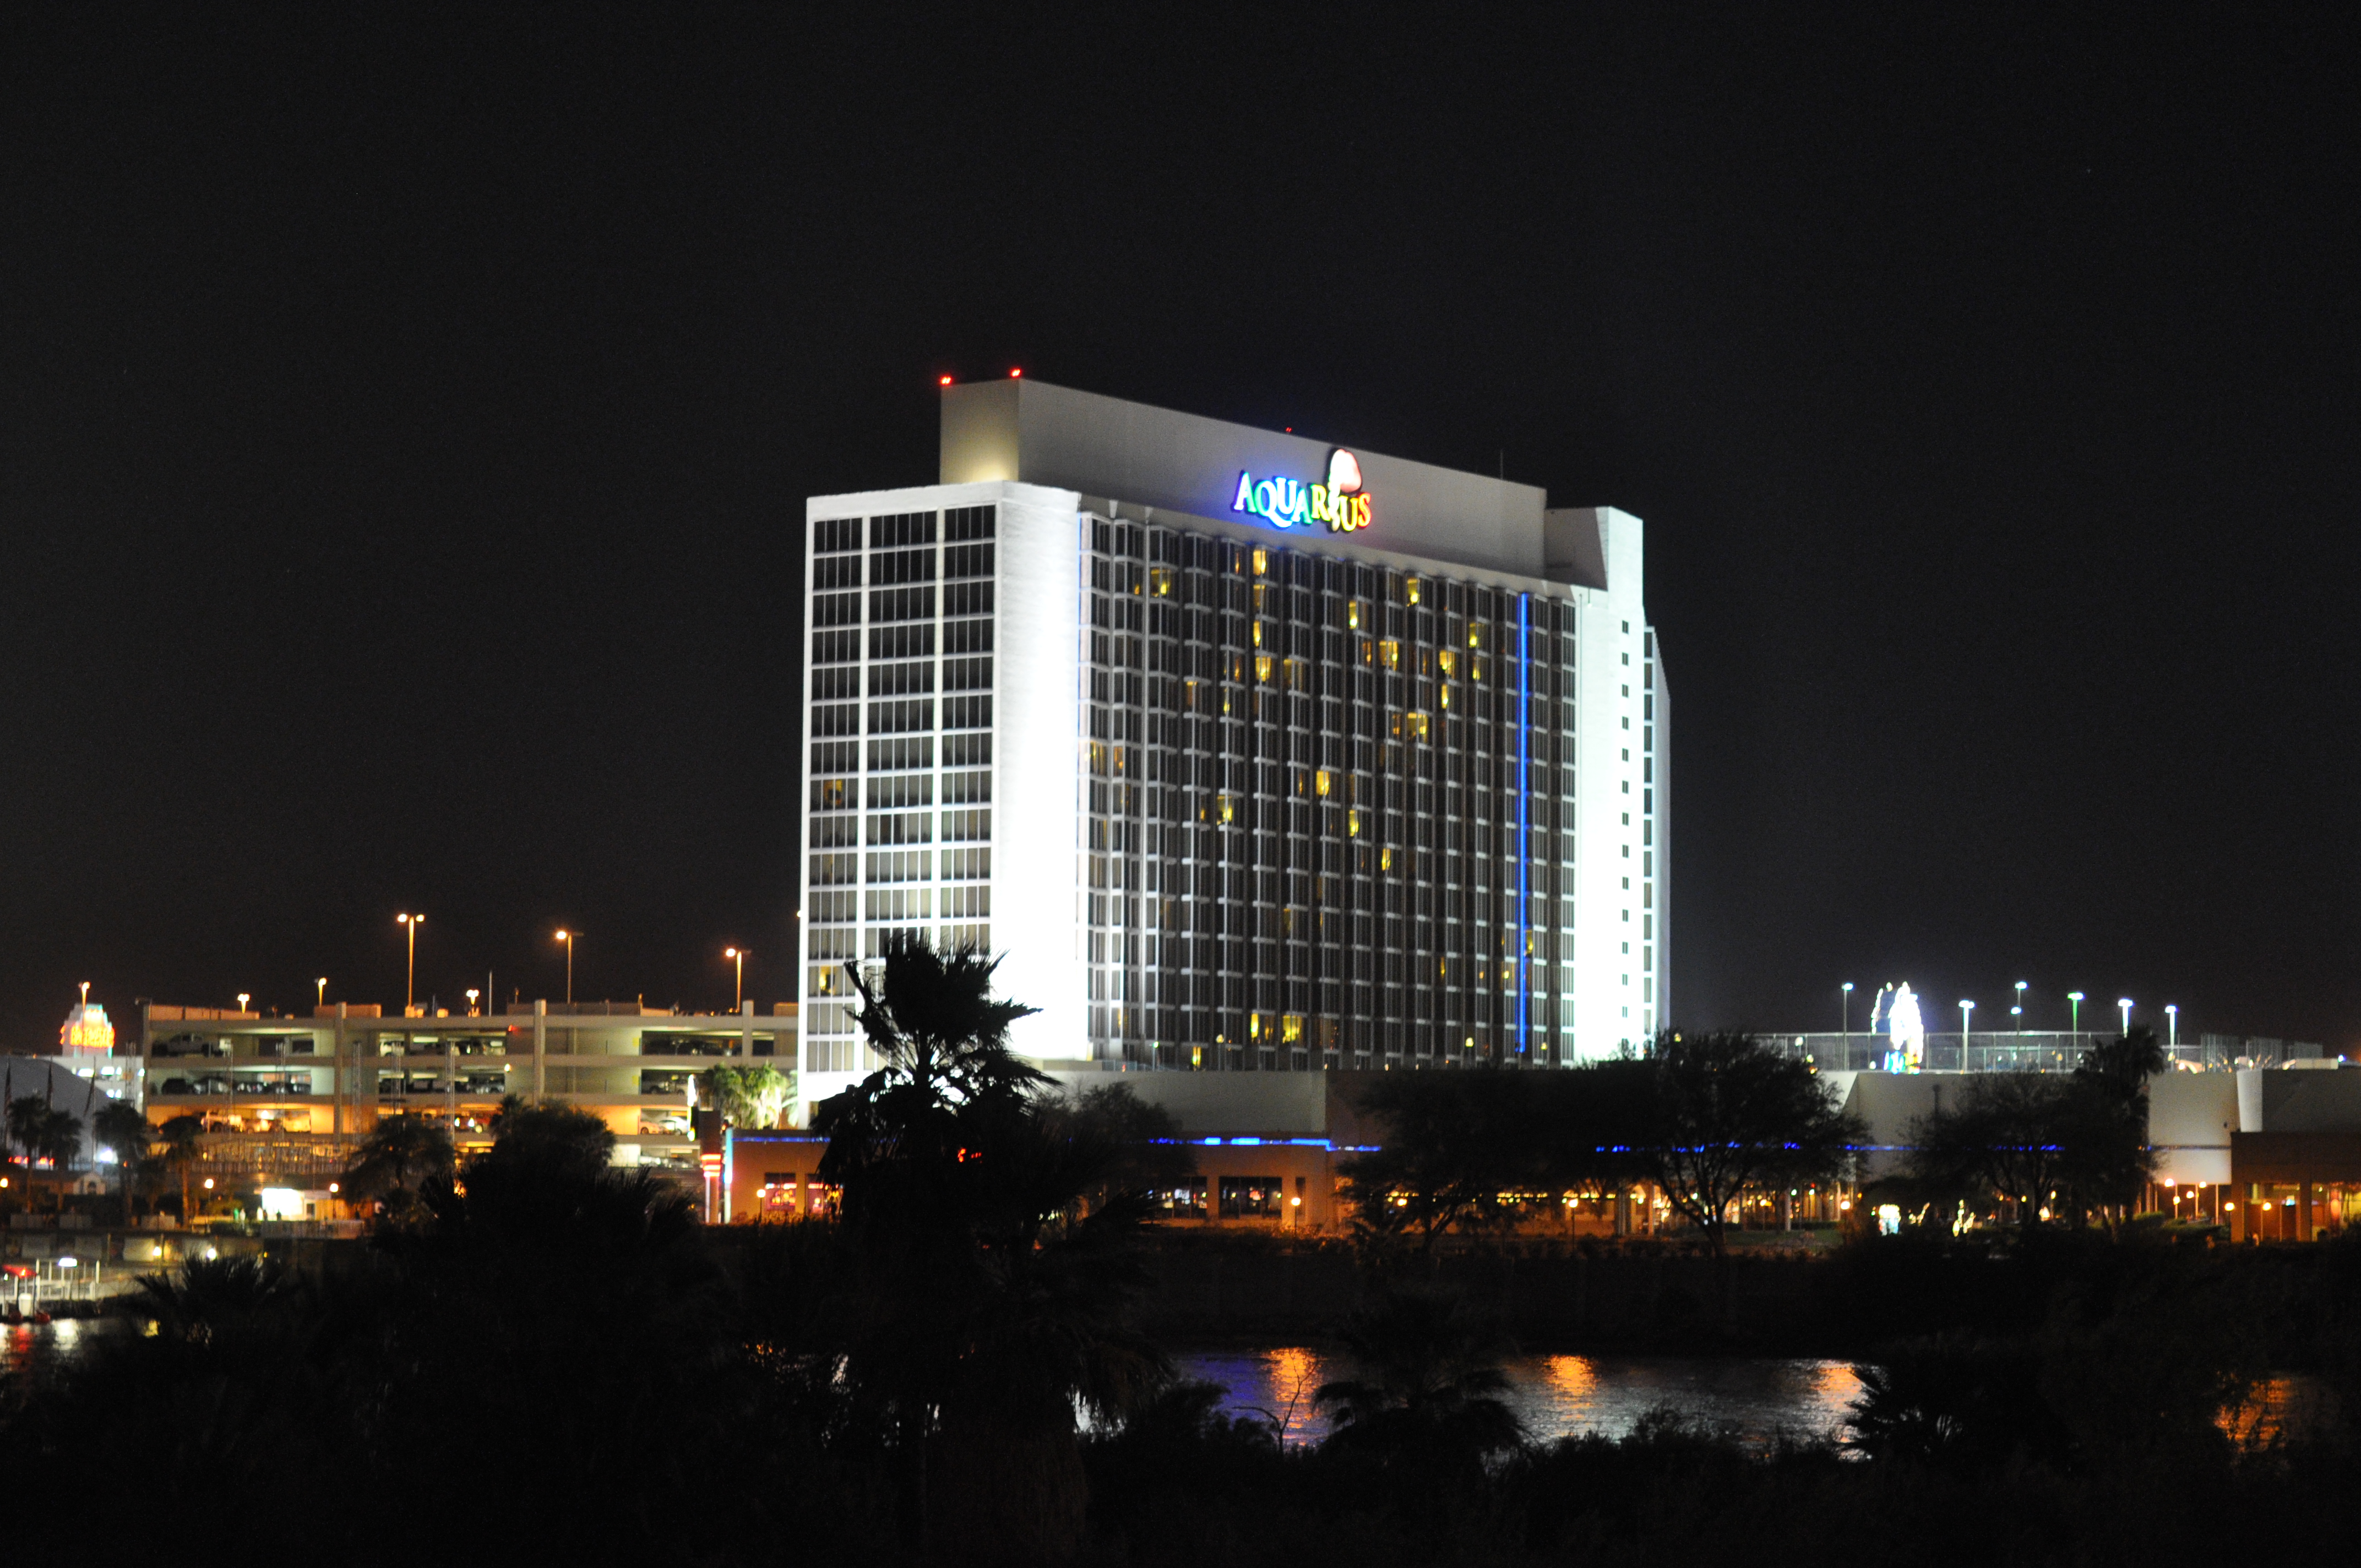 Aquarius Casino Resort Laughlin